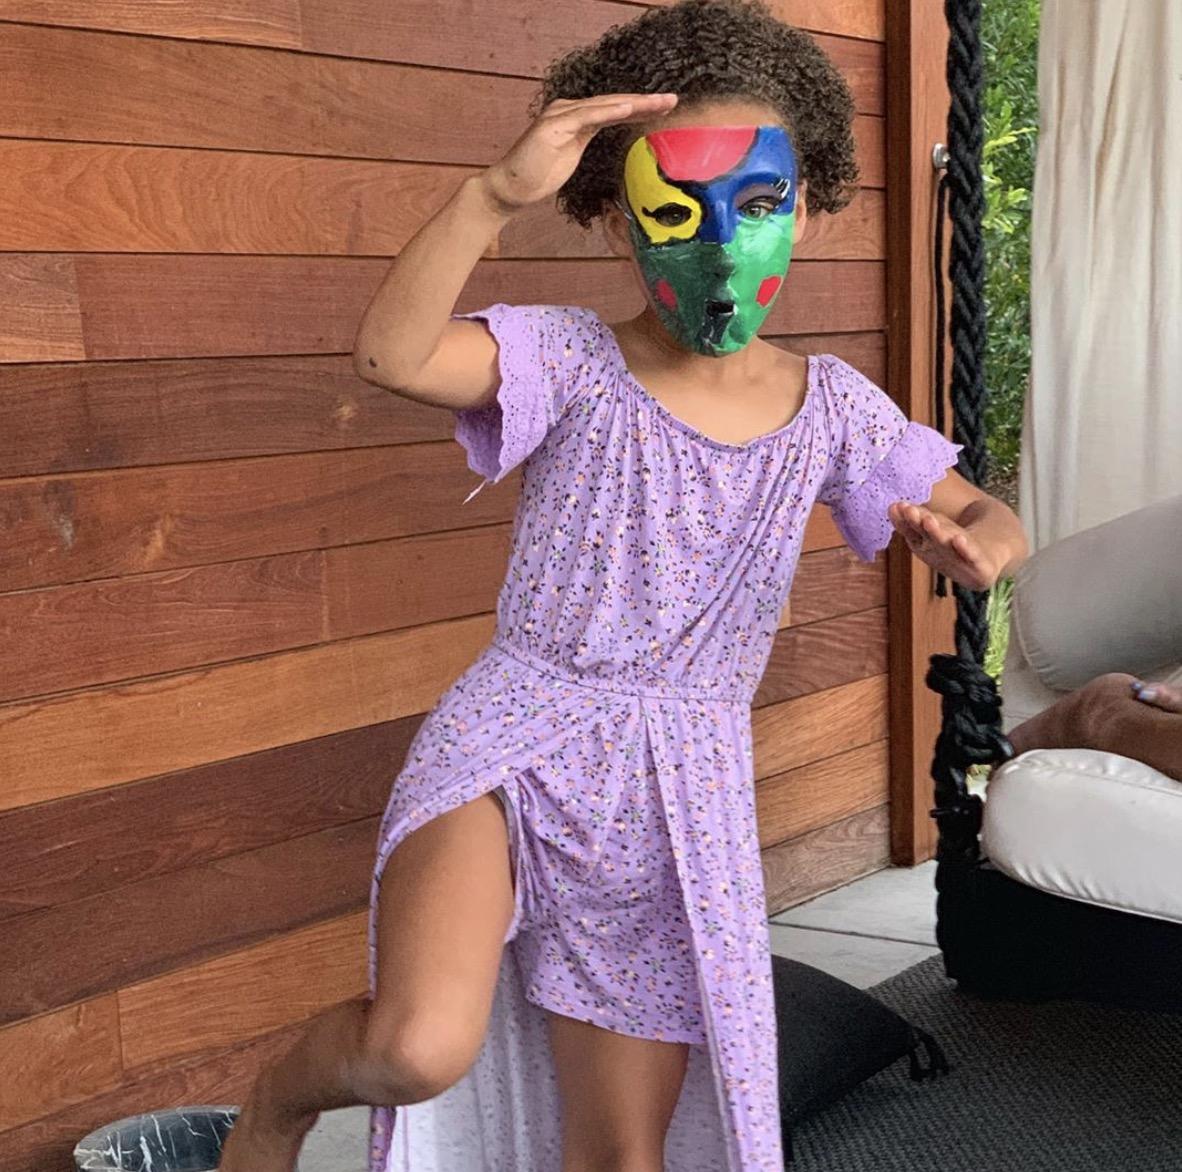 斯蒂芬-库里ins晒女儿戴面具的照片